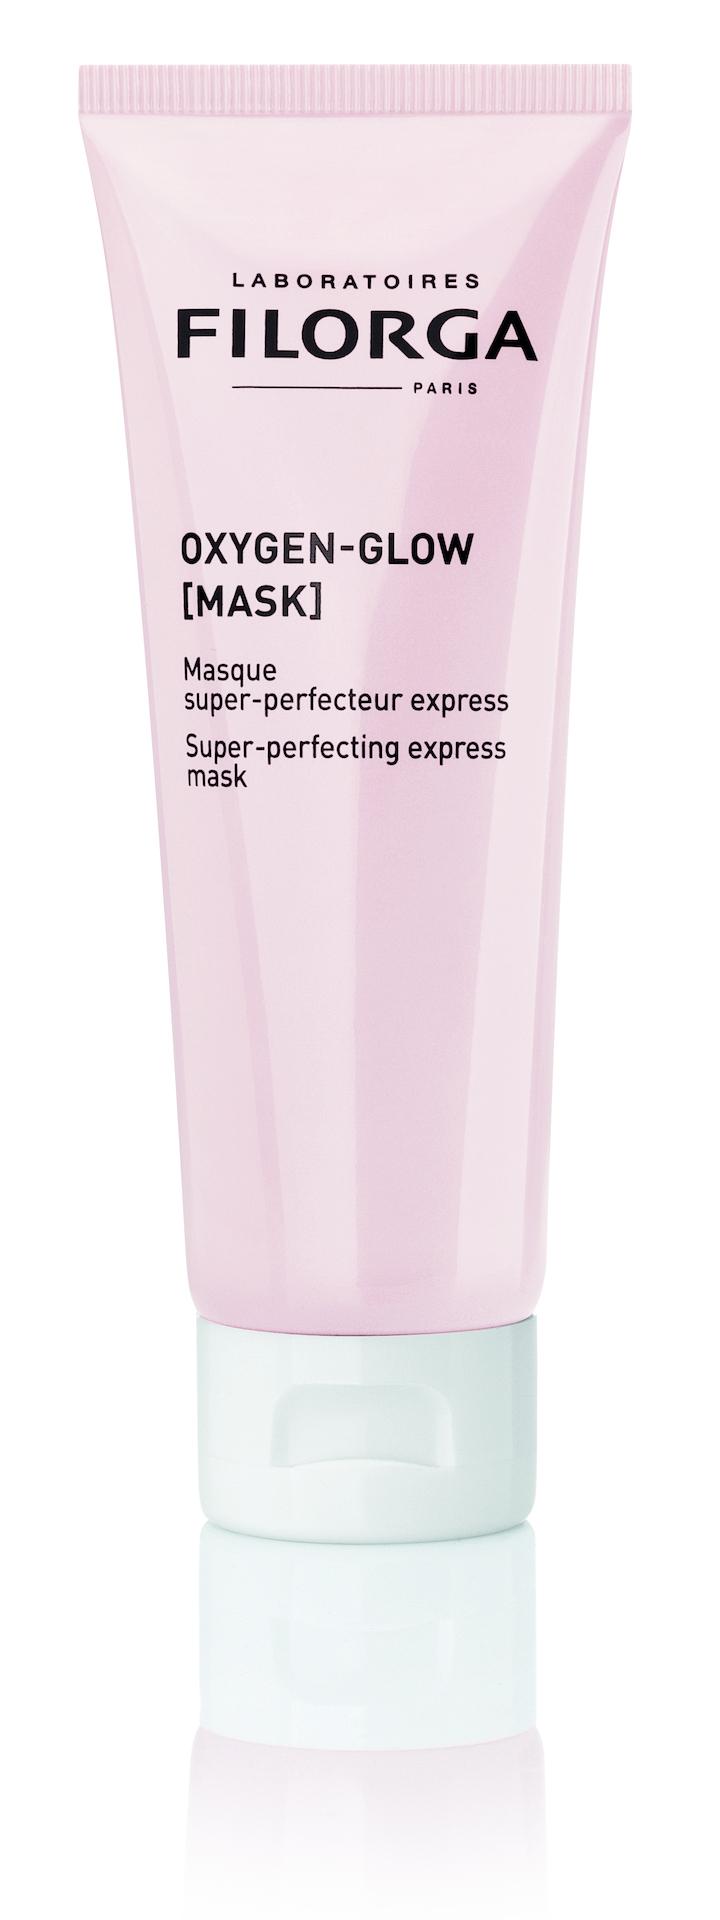 Oxygen-Glow  Mask